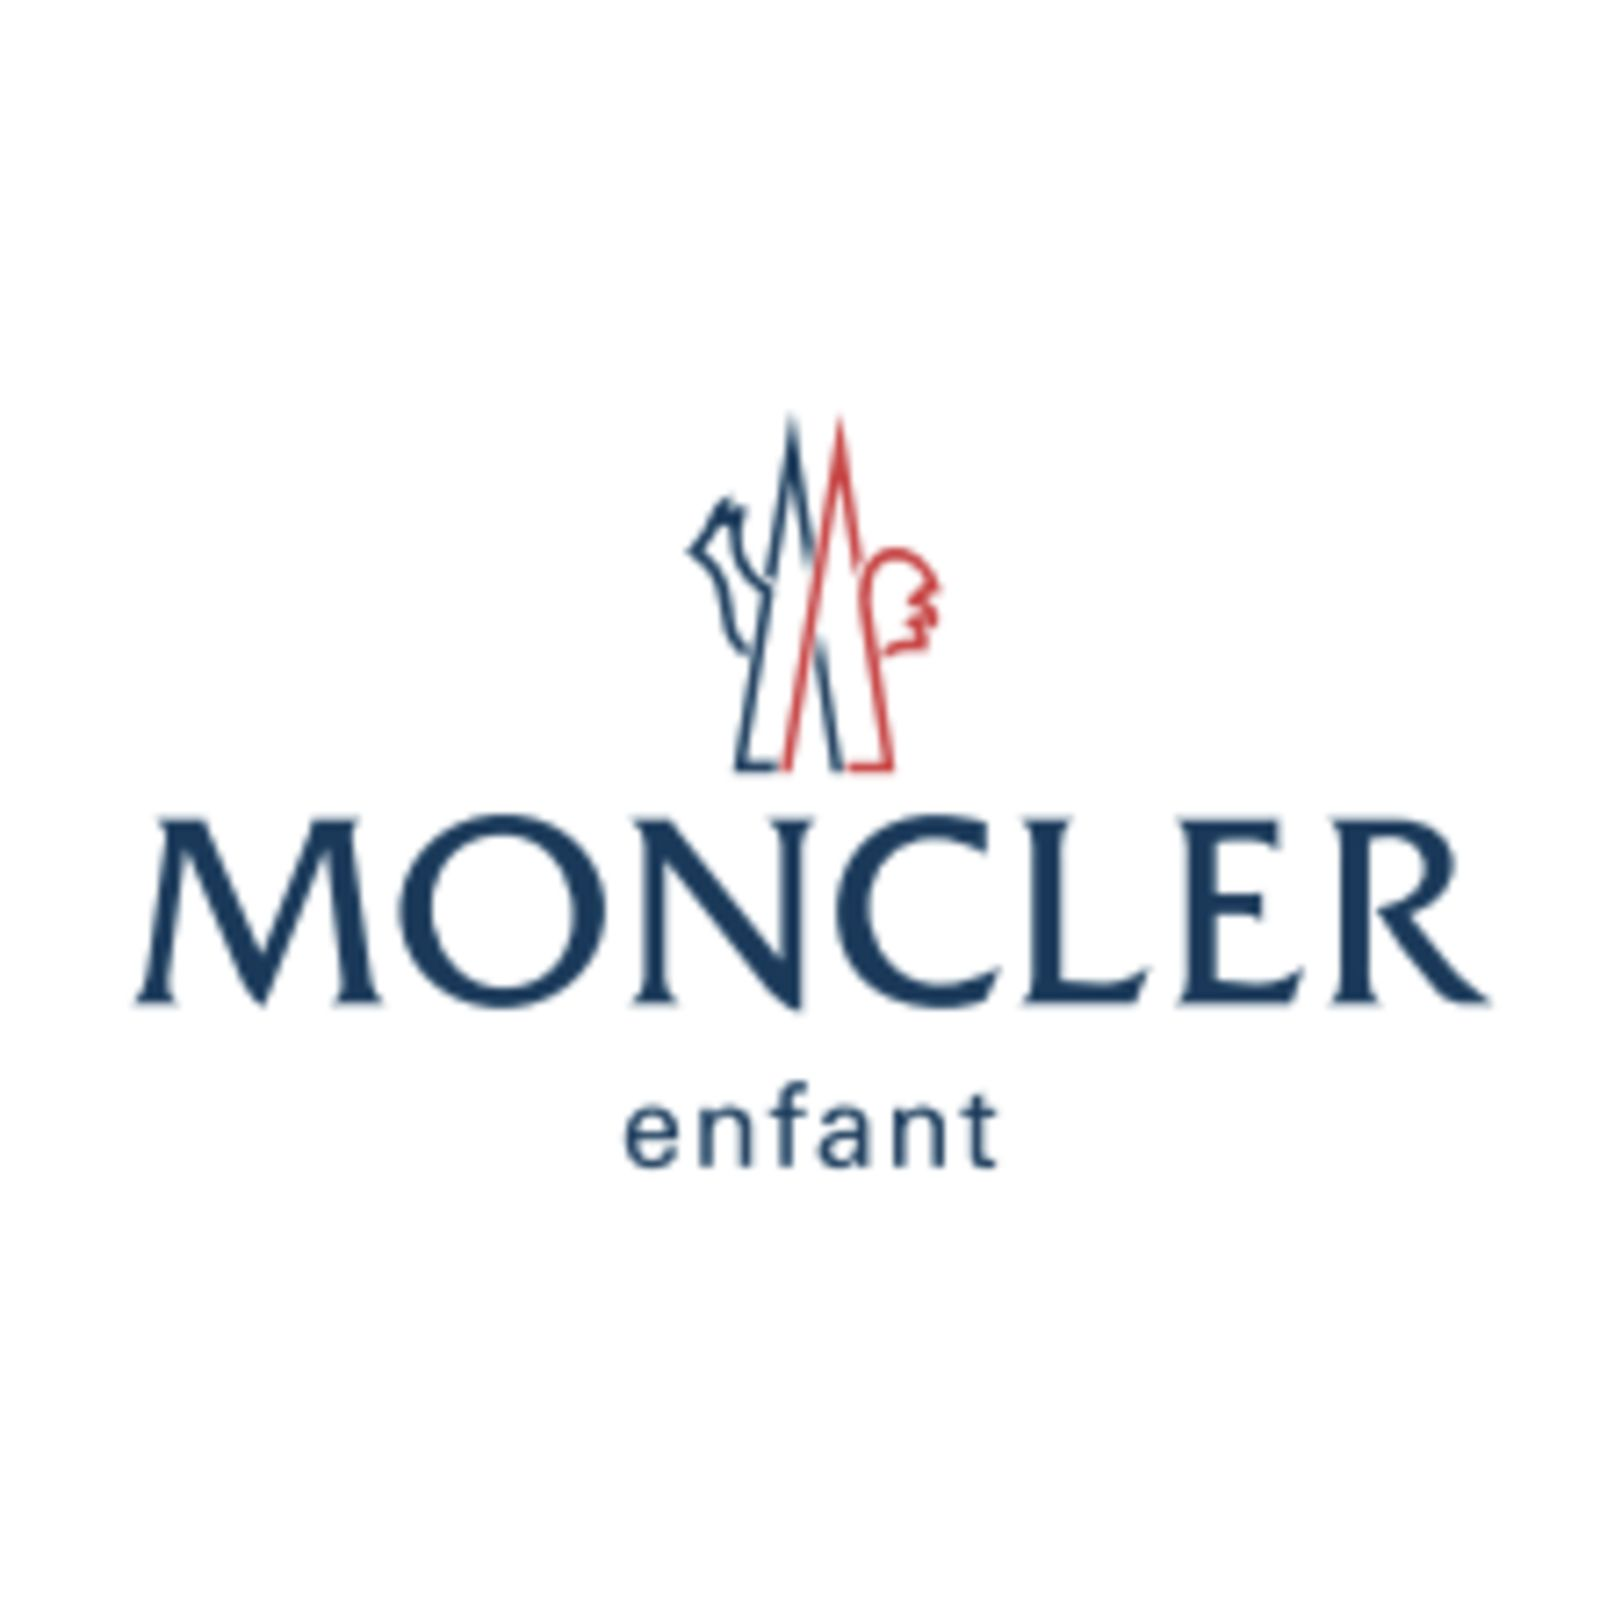 MONCLER enfant (Bild 1)